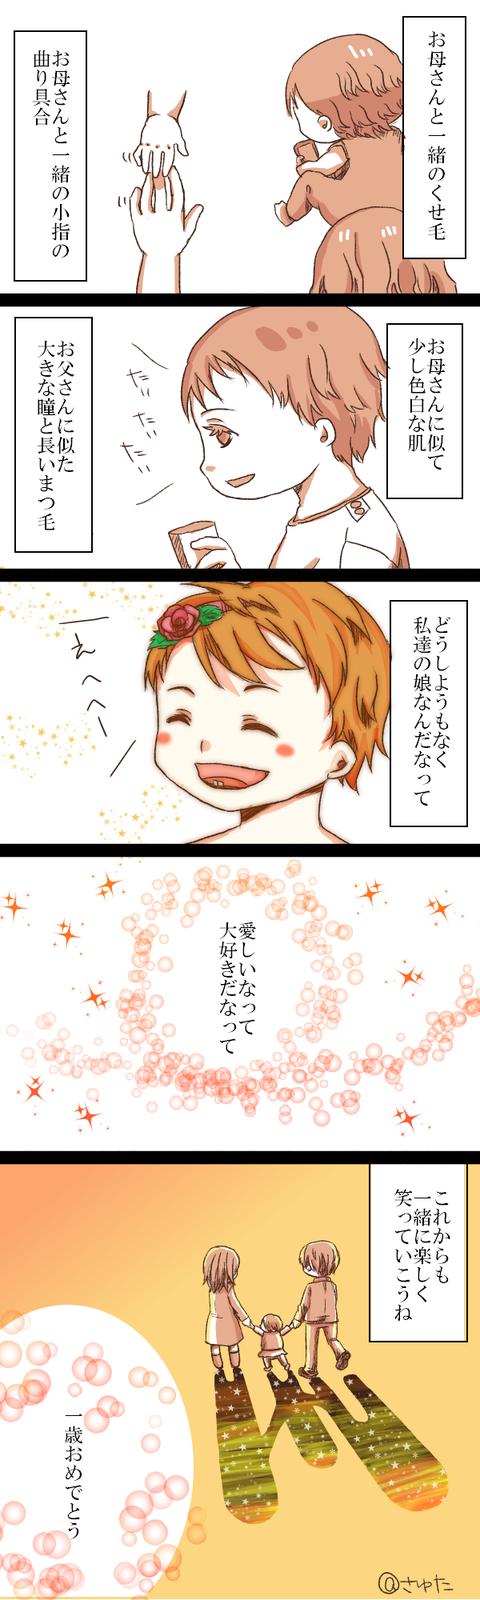 むすめ51-4